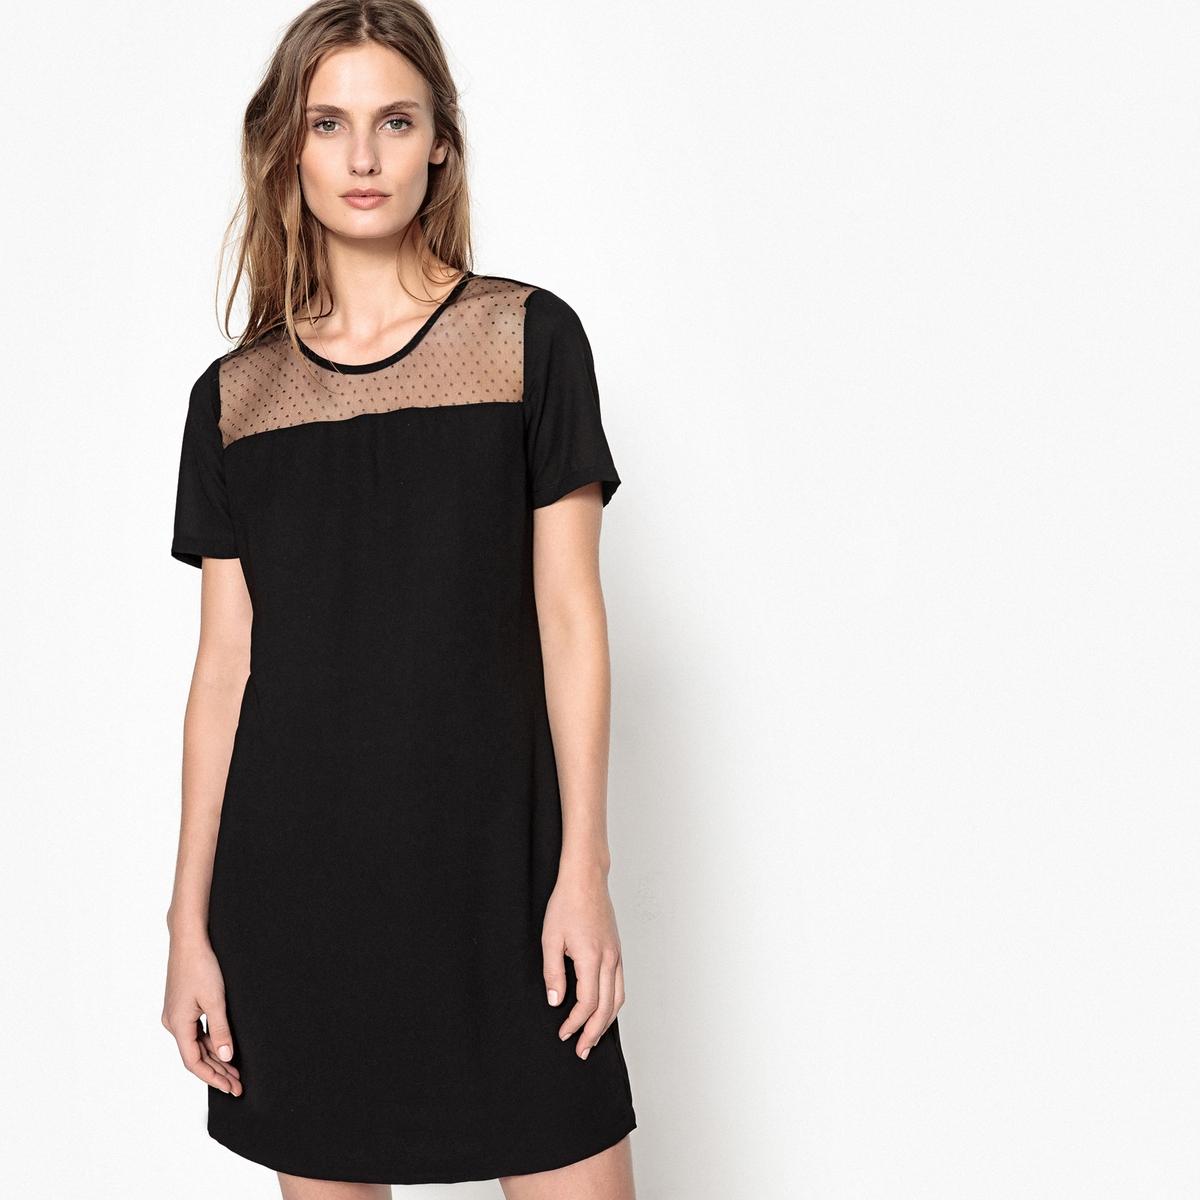 Платье однотонное средней длины, расширяющееся книзуДетали •  Форма : расклешенная •  Длина до колен •  Короткие рукава    •  Круглый вырезСостав и уход •  68% вискозы, 4% эластана, 28% полиамида •  Следуйте советам по уходу, указанным на этикетке<br><br>Цвет: черный